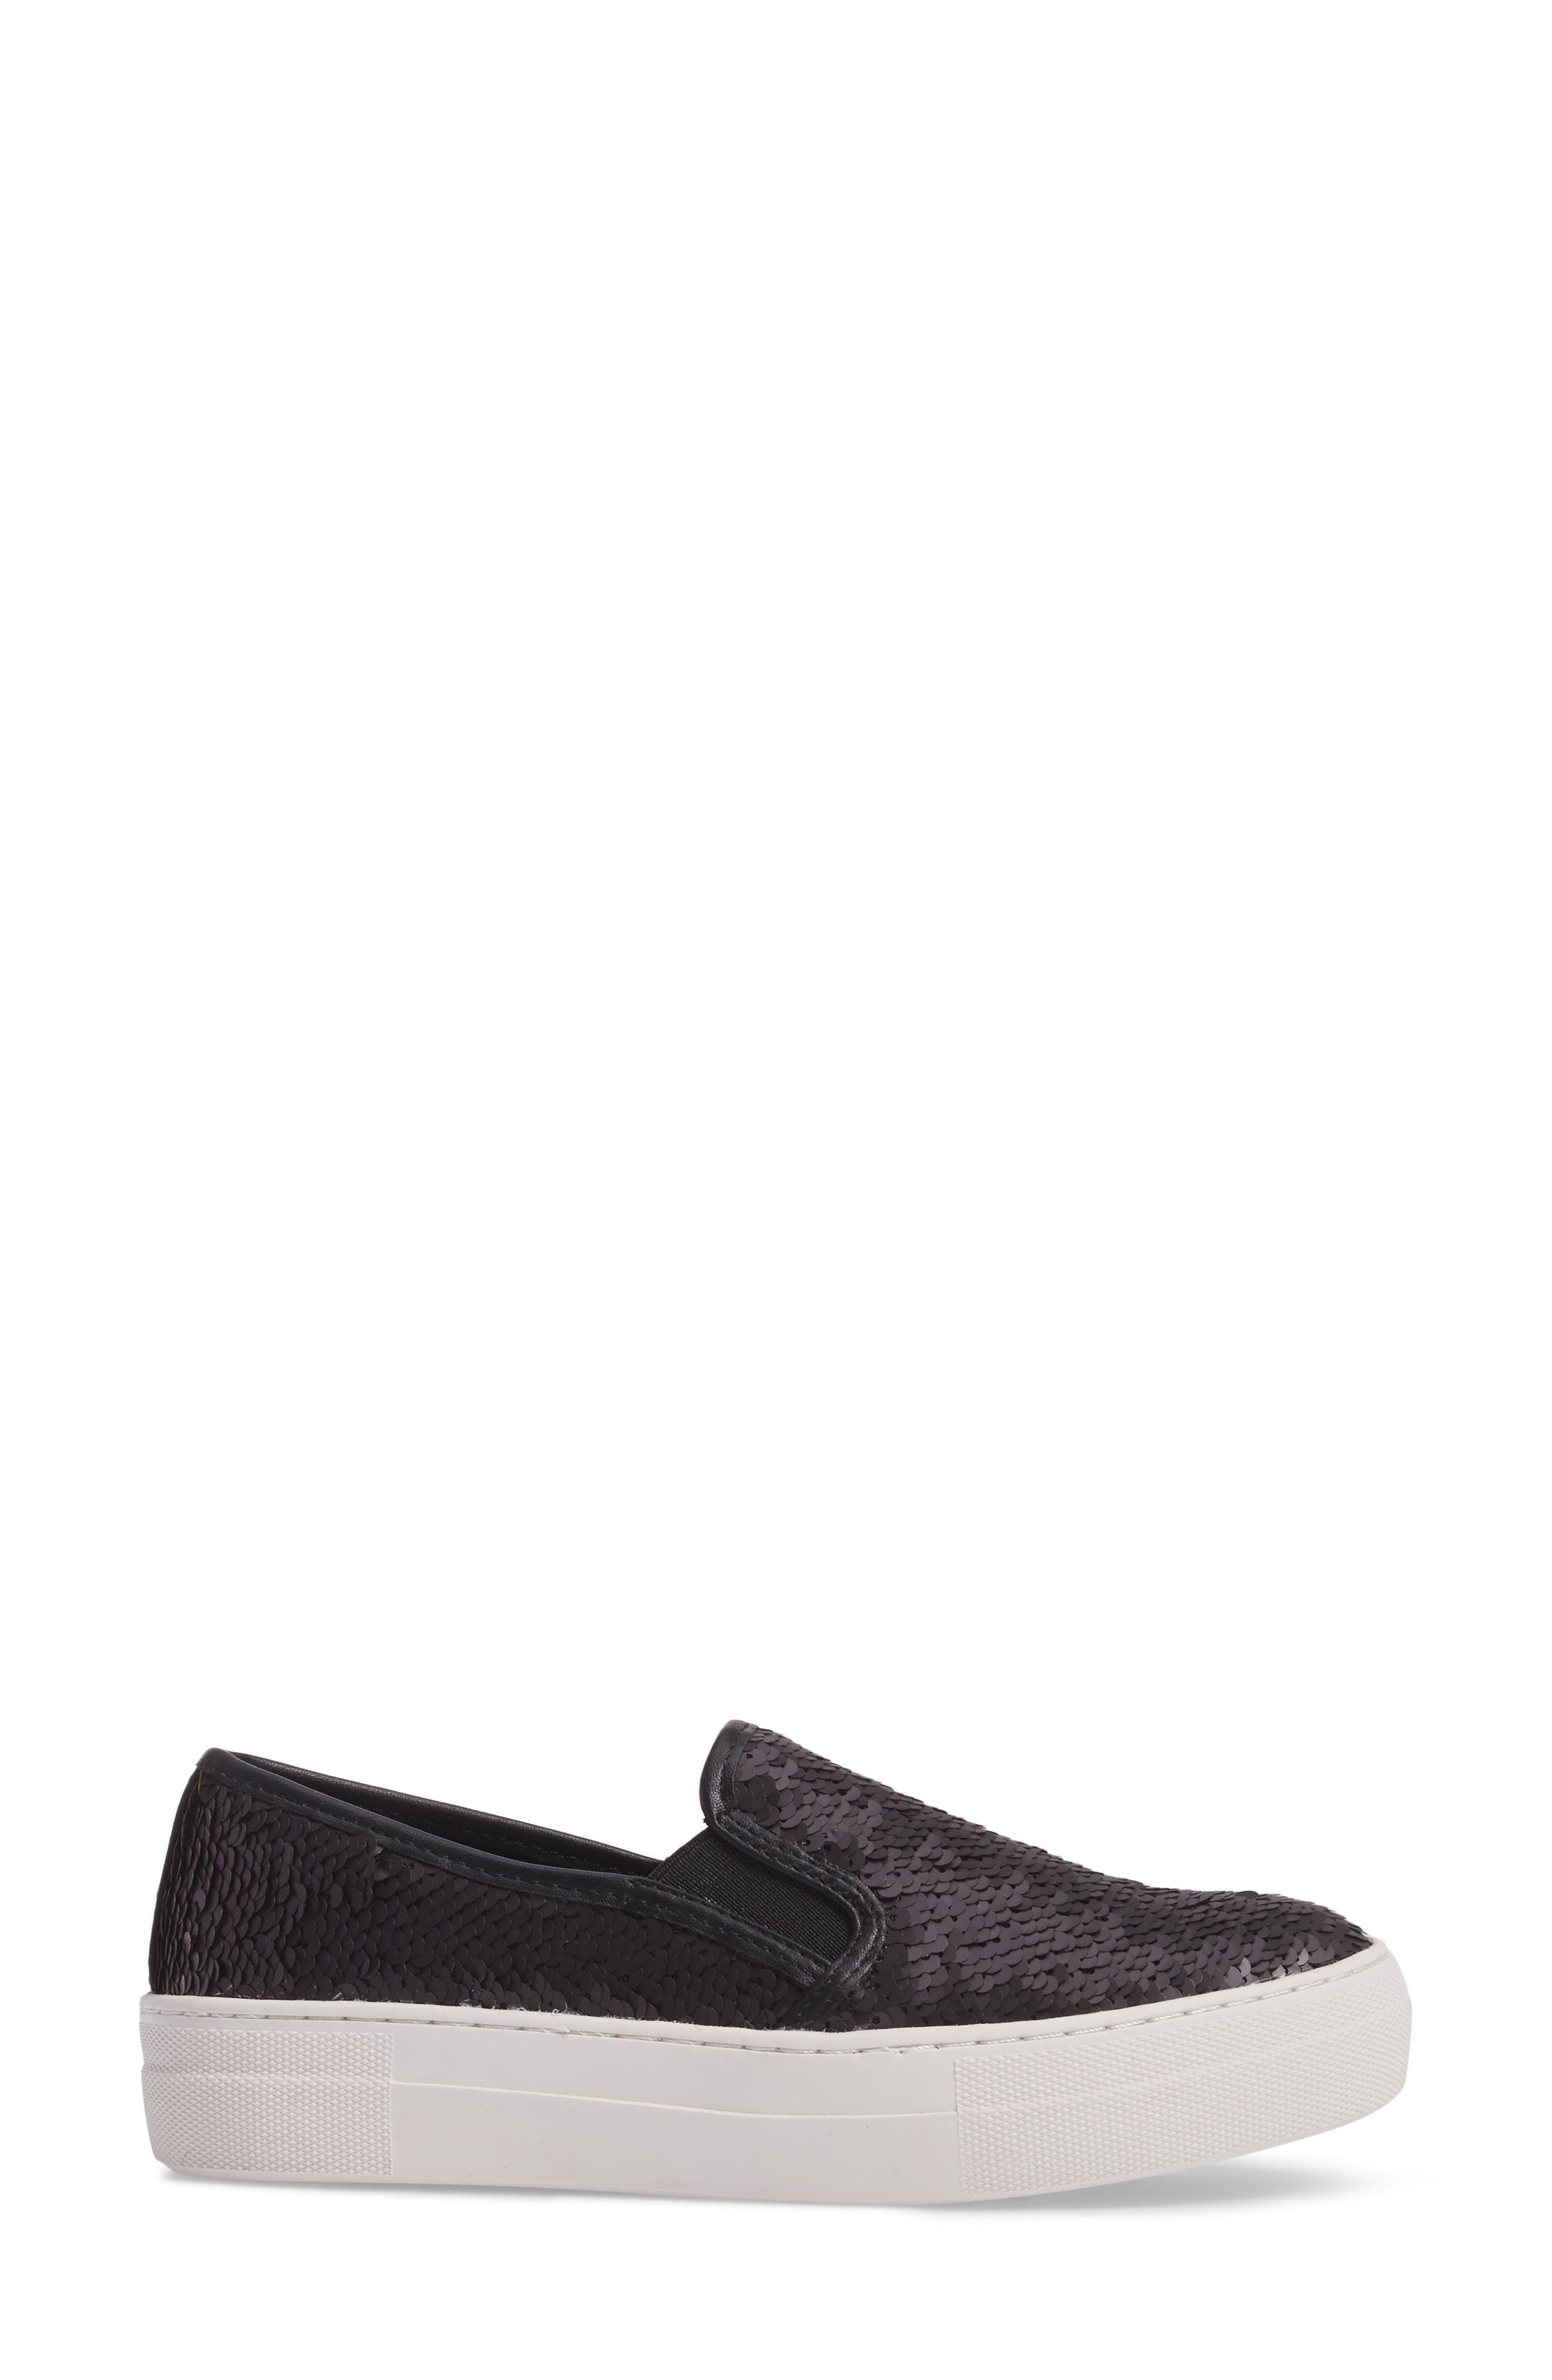 Gills Sequined Slip-On Platform Sneaker,                             Alternate thumbnail 3, color,                             001